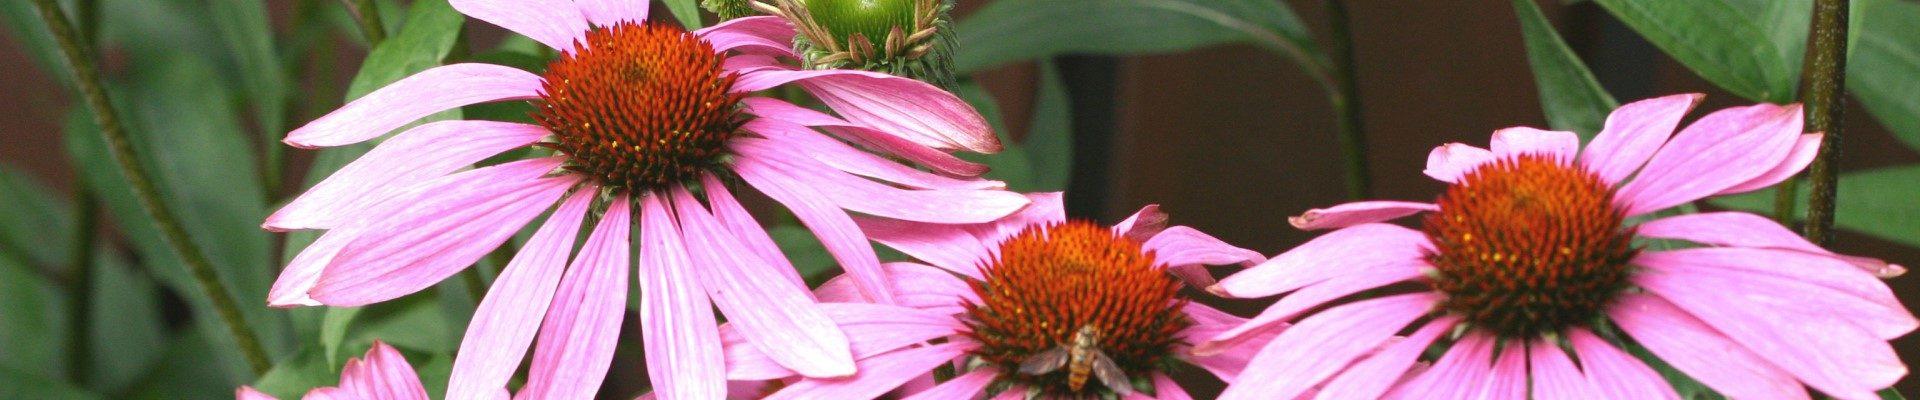 Sonnenhut in meinem Heilkräuter-Garten in Varel